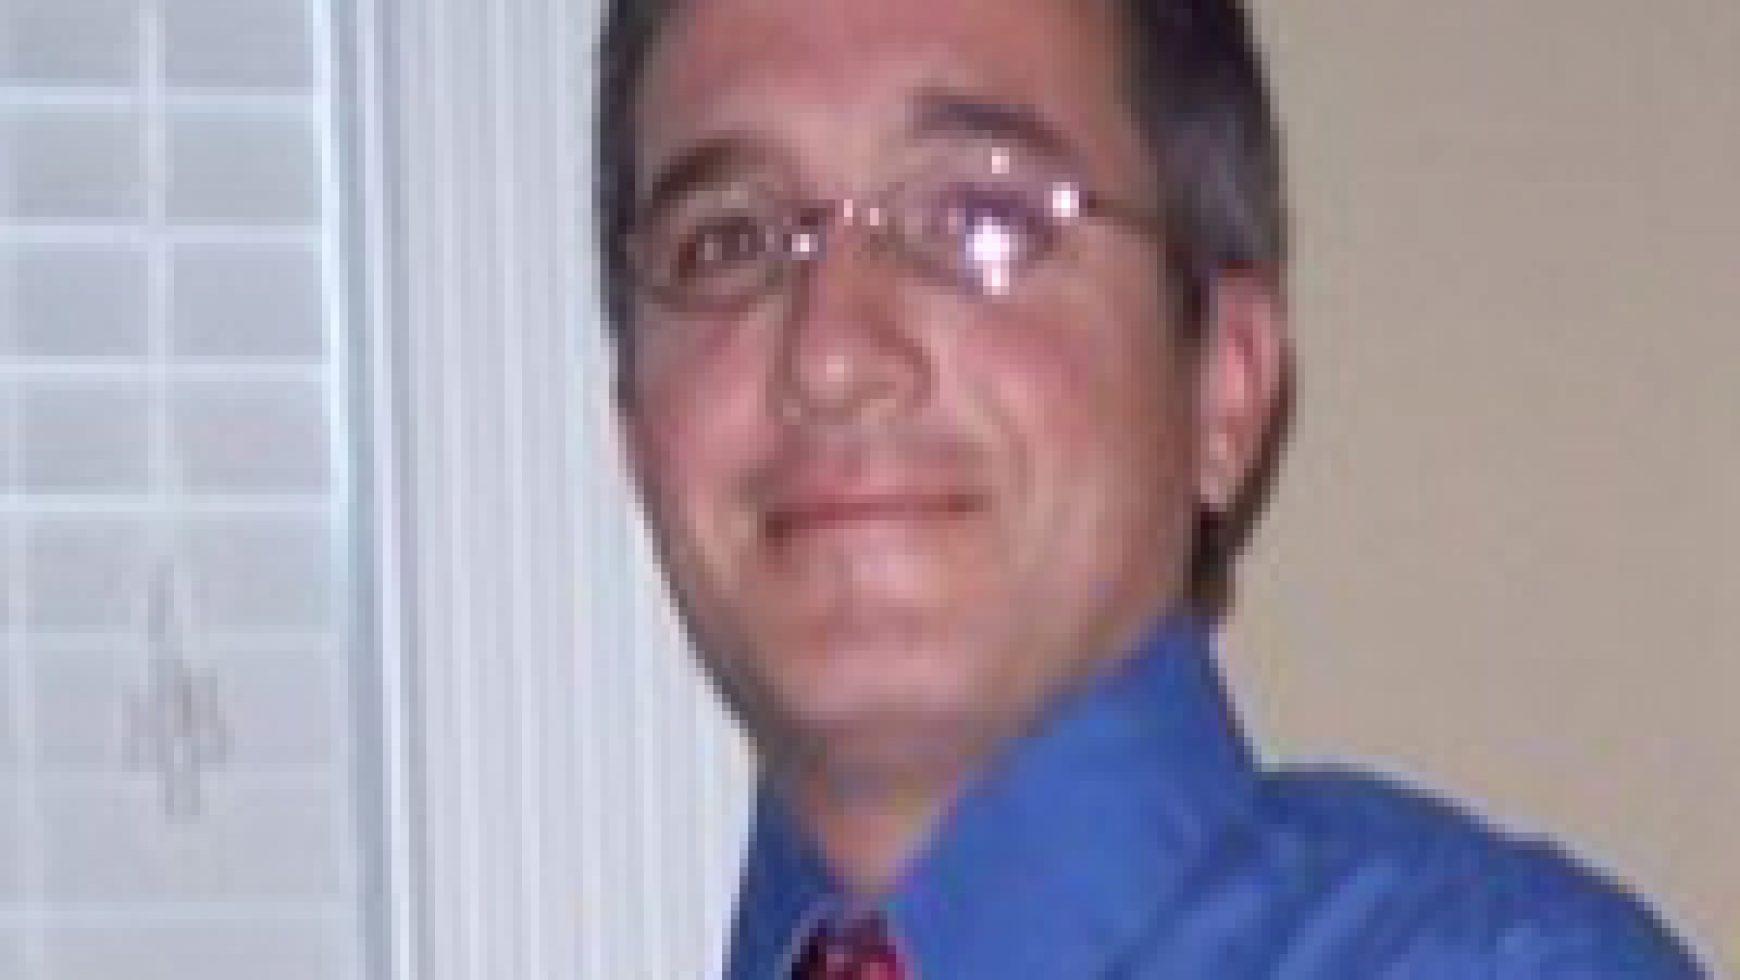 Scott Looney